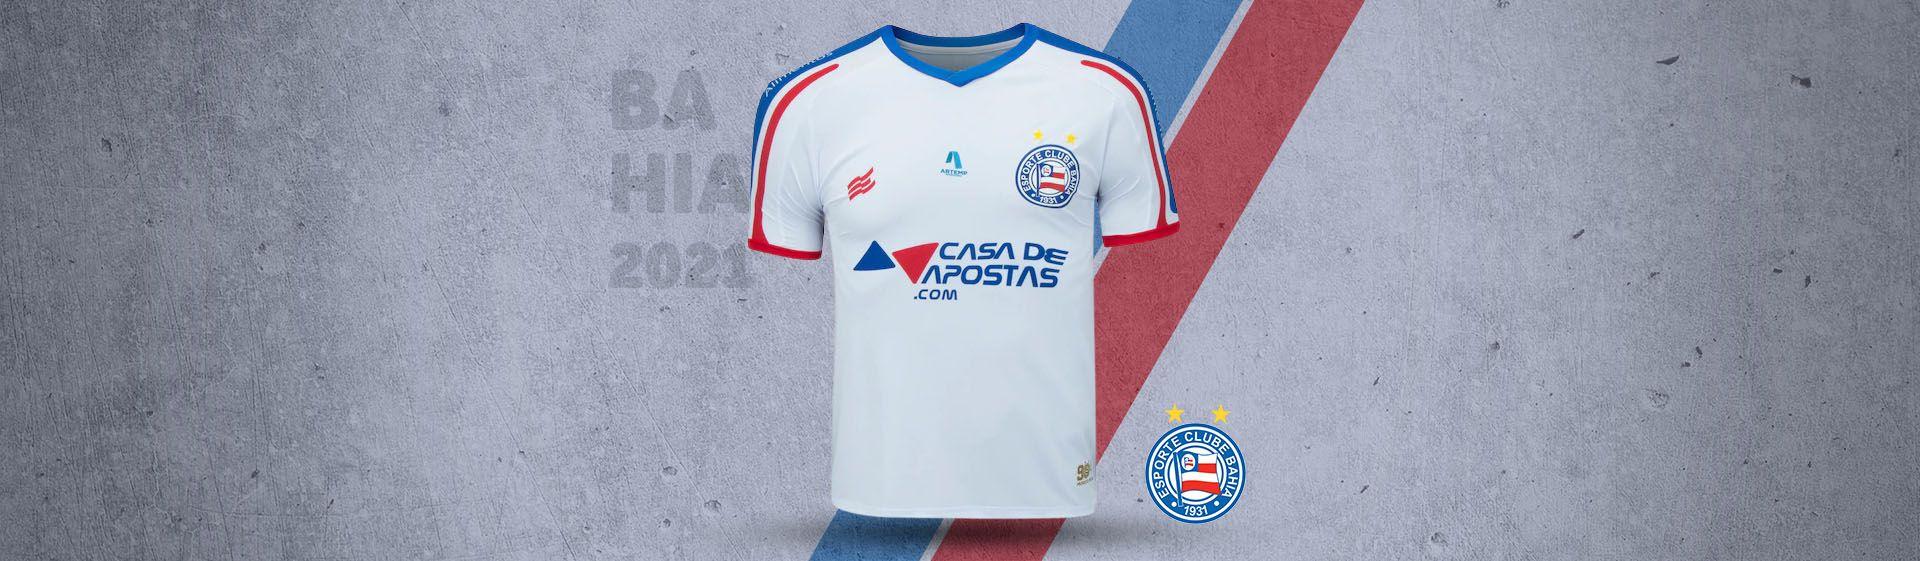 Camisa do Bahia: camisas do Bahia para comprar em 2021